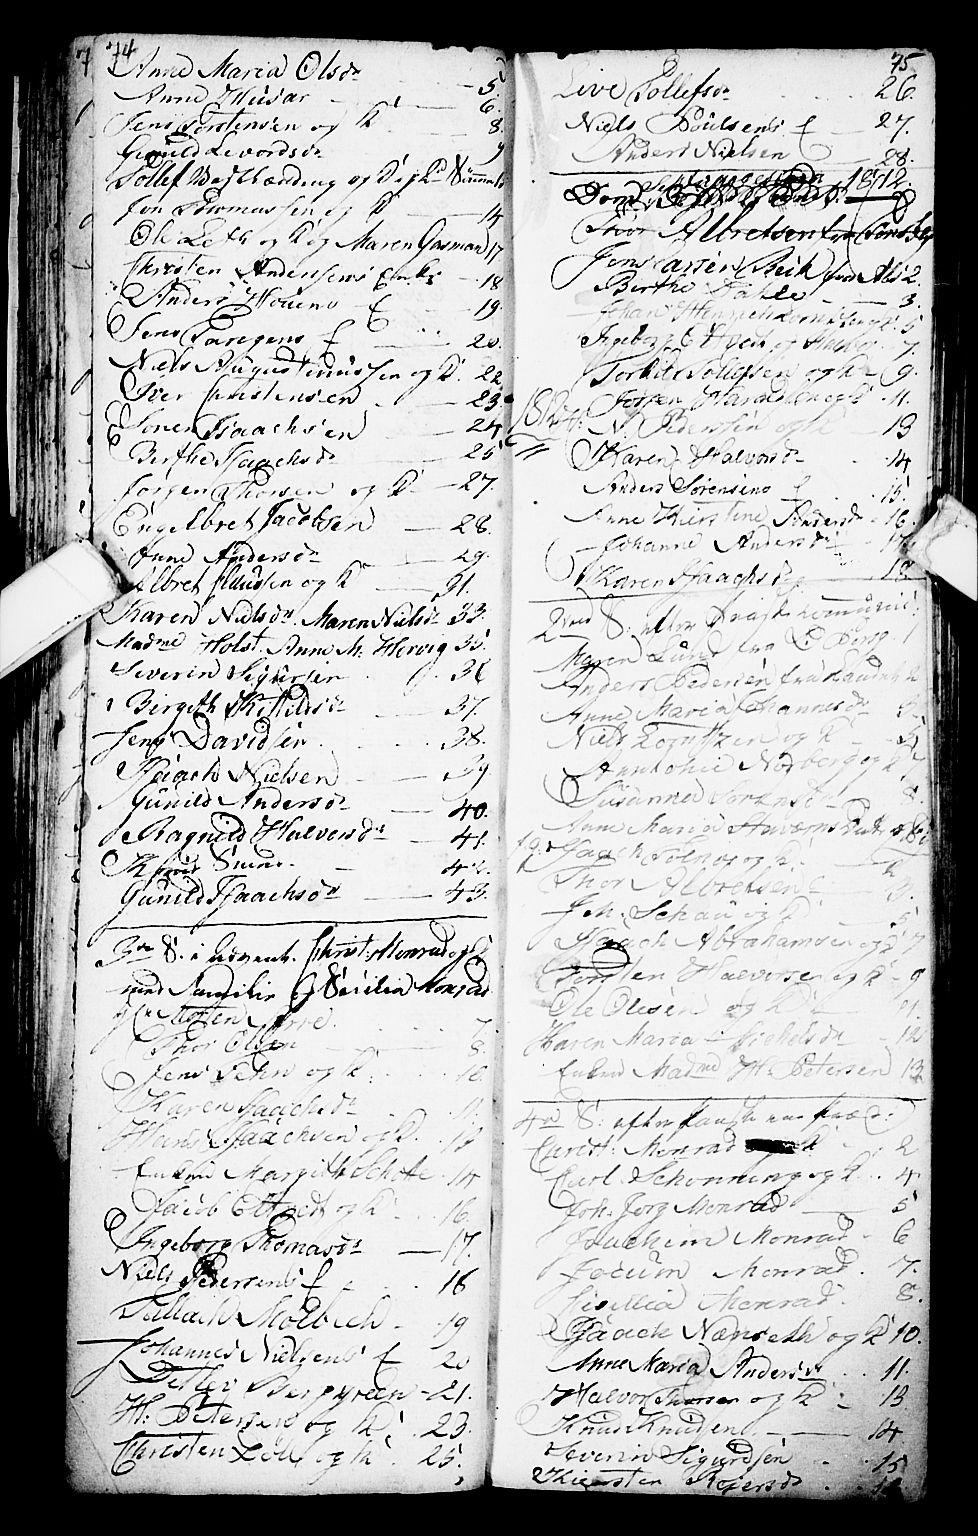 SAKO, Porsgrunn kirkebøker , G/Ga/L0001: Klokkerbok nr. I 1, 1766-1790, s. 74-75